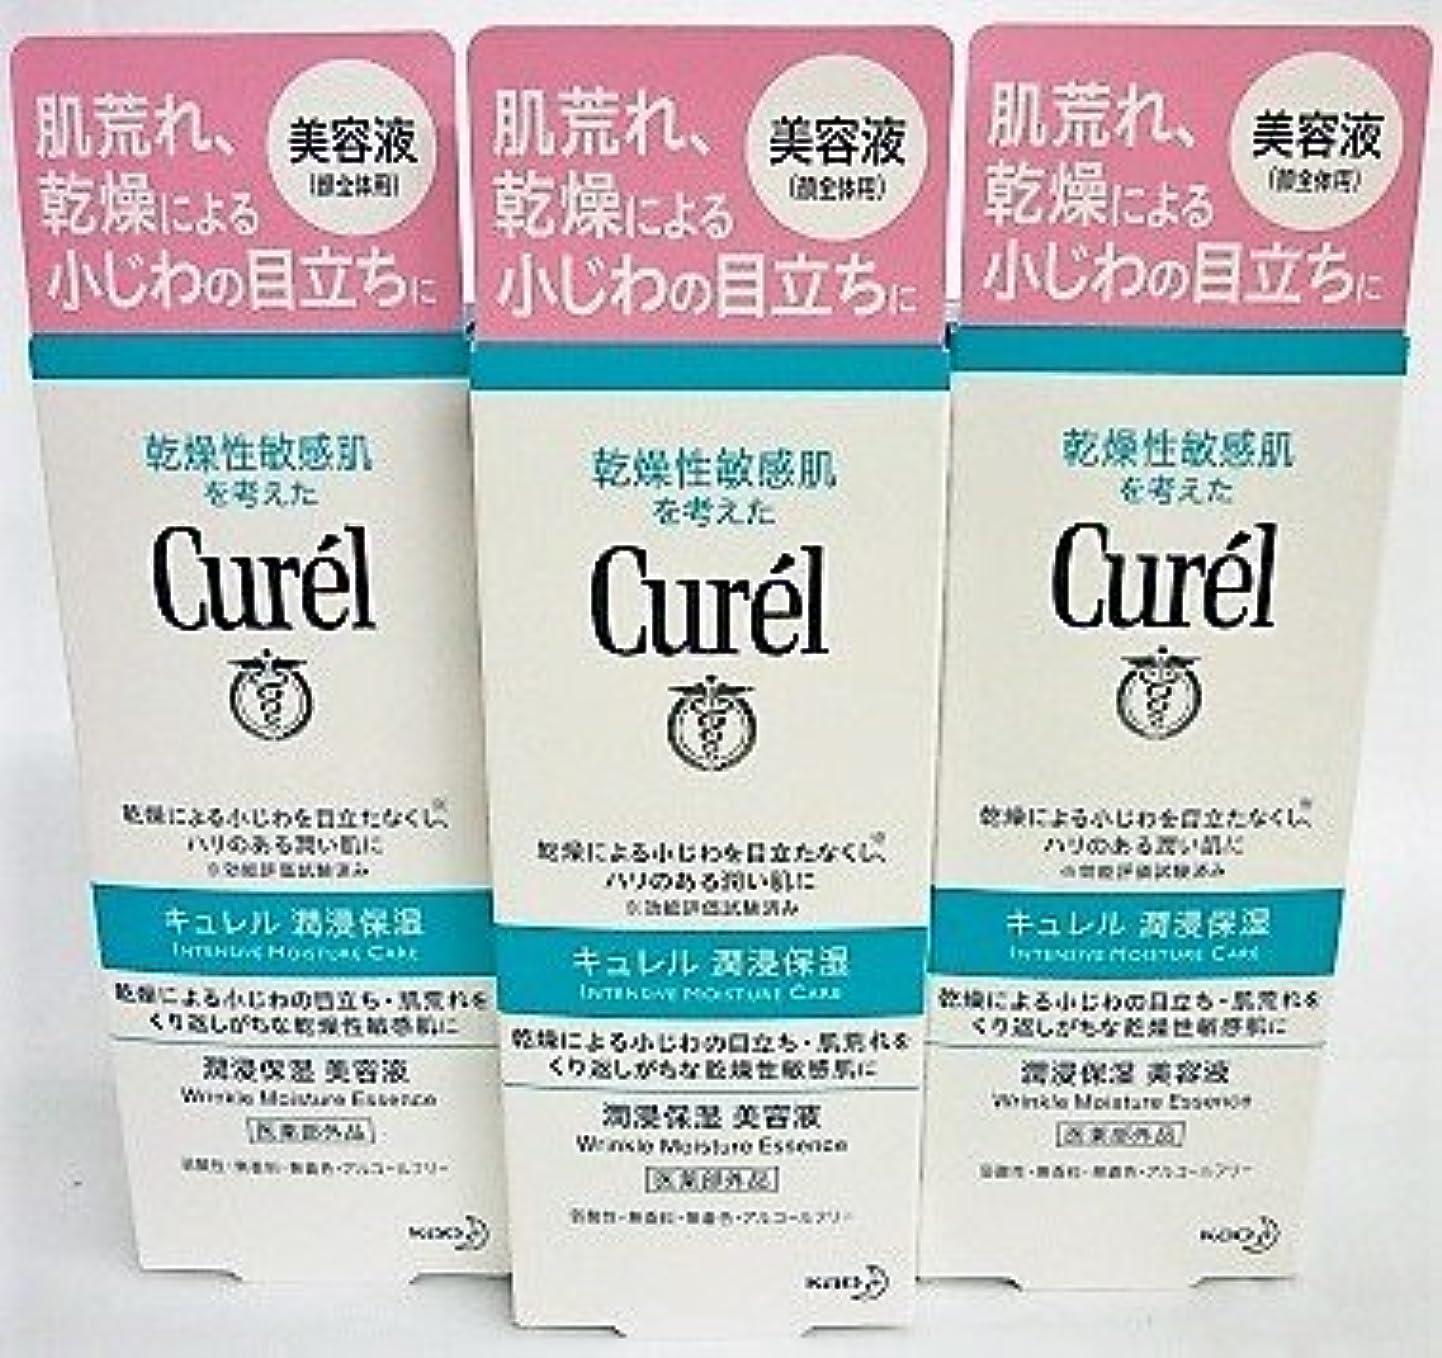 スキャンラビリンス無効にする[3個セット]キュレル 潤浸保湿美容液 40g入り×3個